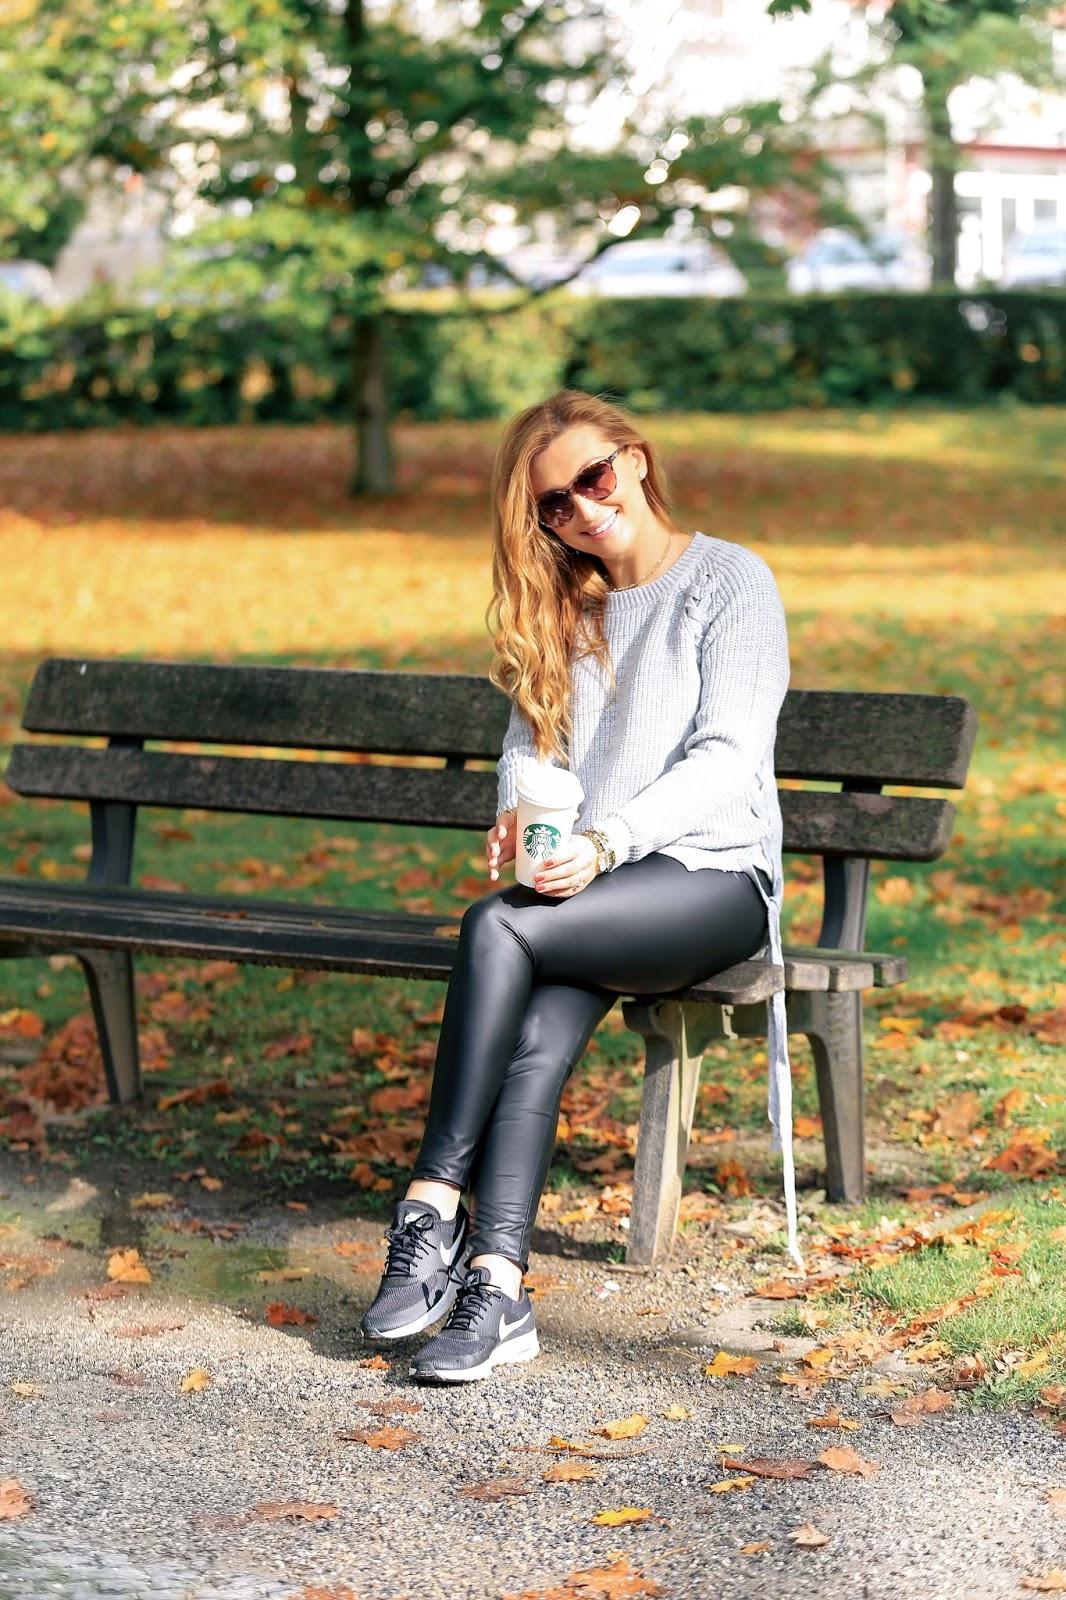 Modeblogger-aus-deutschland-Nike-Thea-schwarze-nike-schuhe-blogger-mit-nike-schuhen-wie-style-ich-Nike-schuhe-sportlich-schicker-look